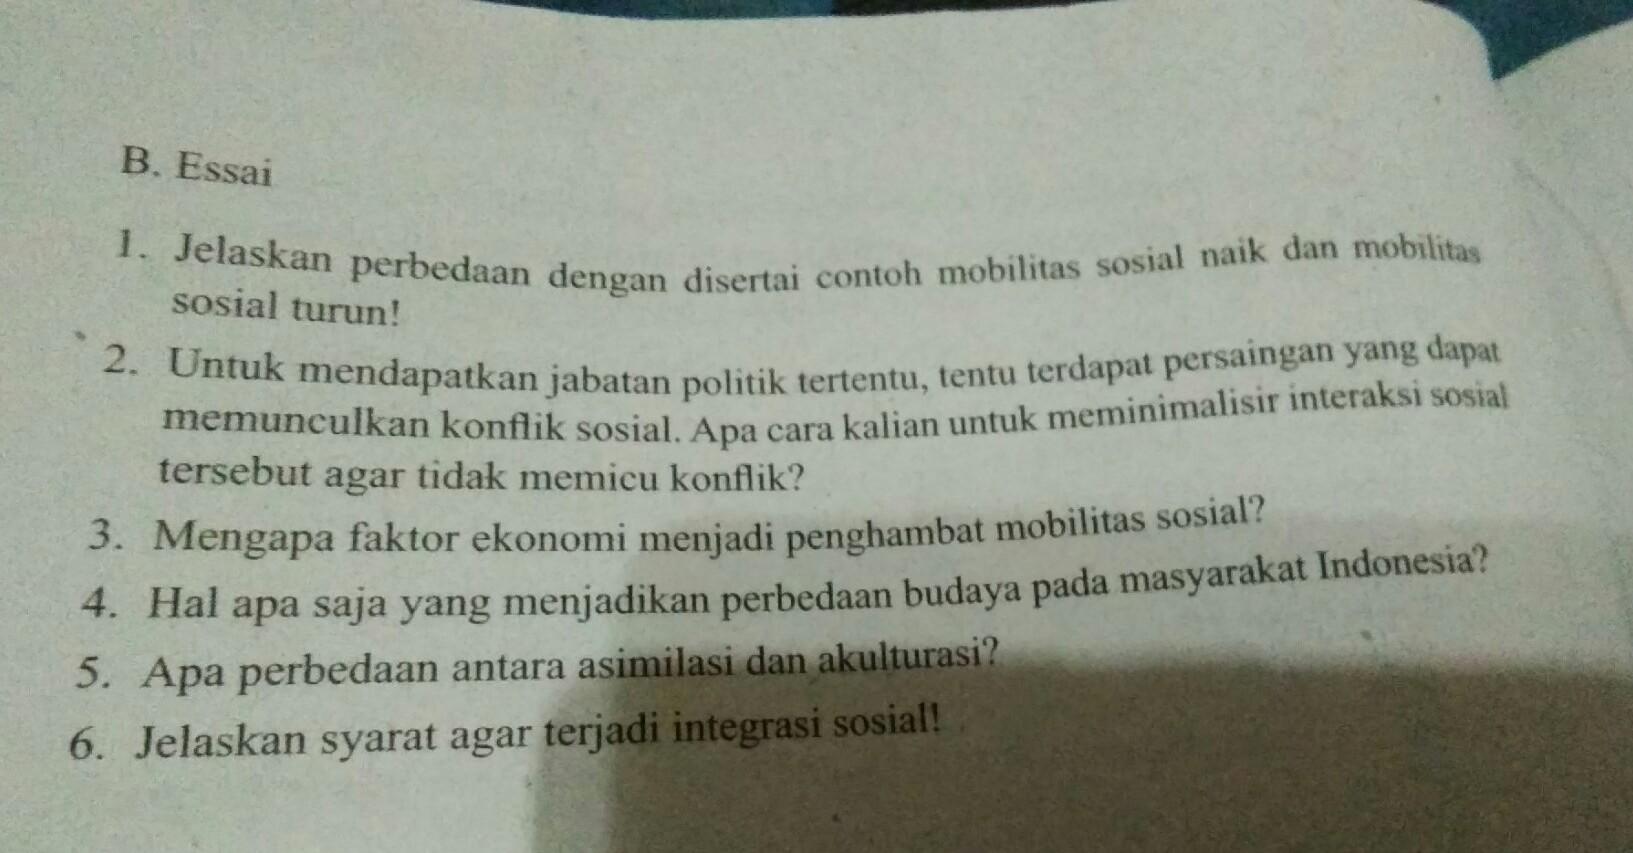 Tolong Dijawab Yak Untuk No 1 Tolong Dibesertakan Contohnya V